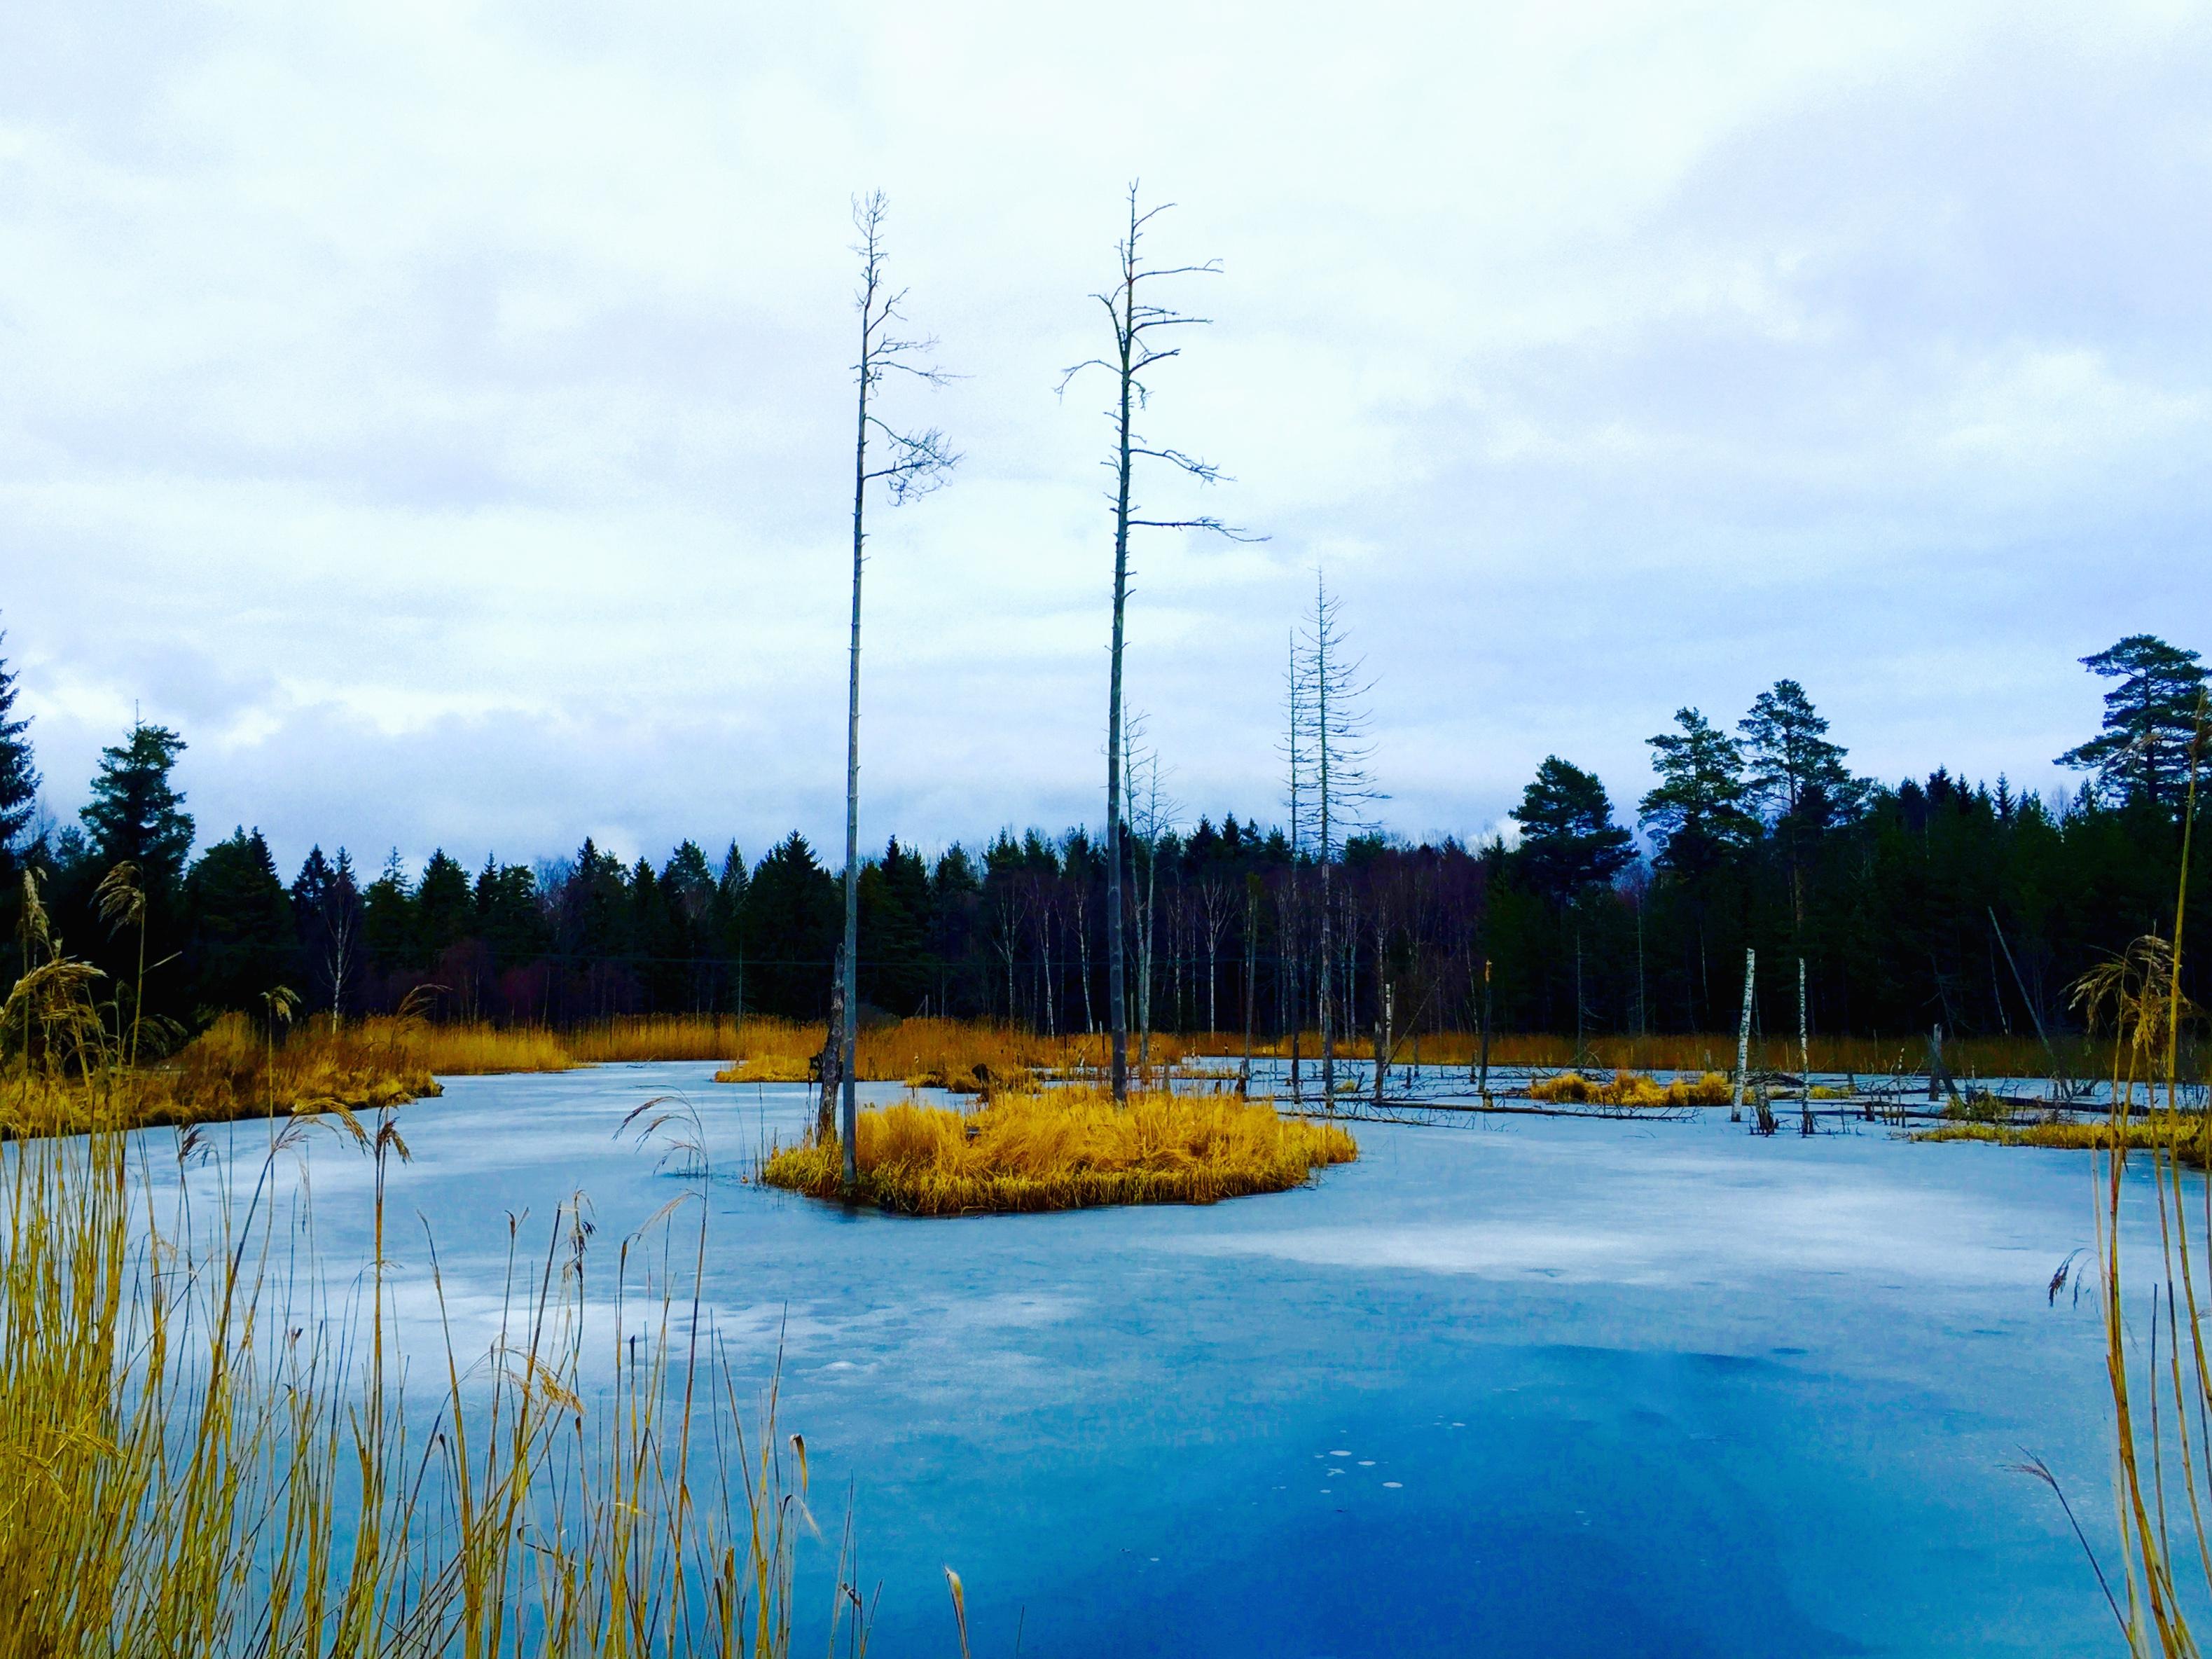 En gyllene ö i den blå ispölen.